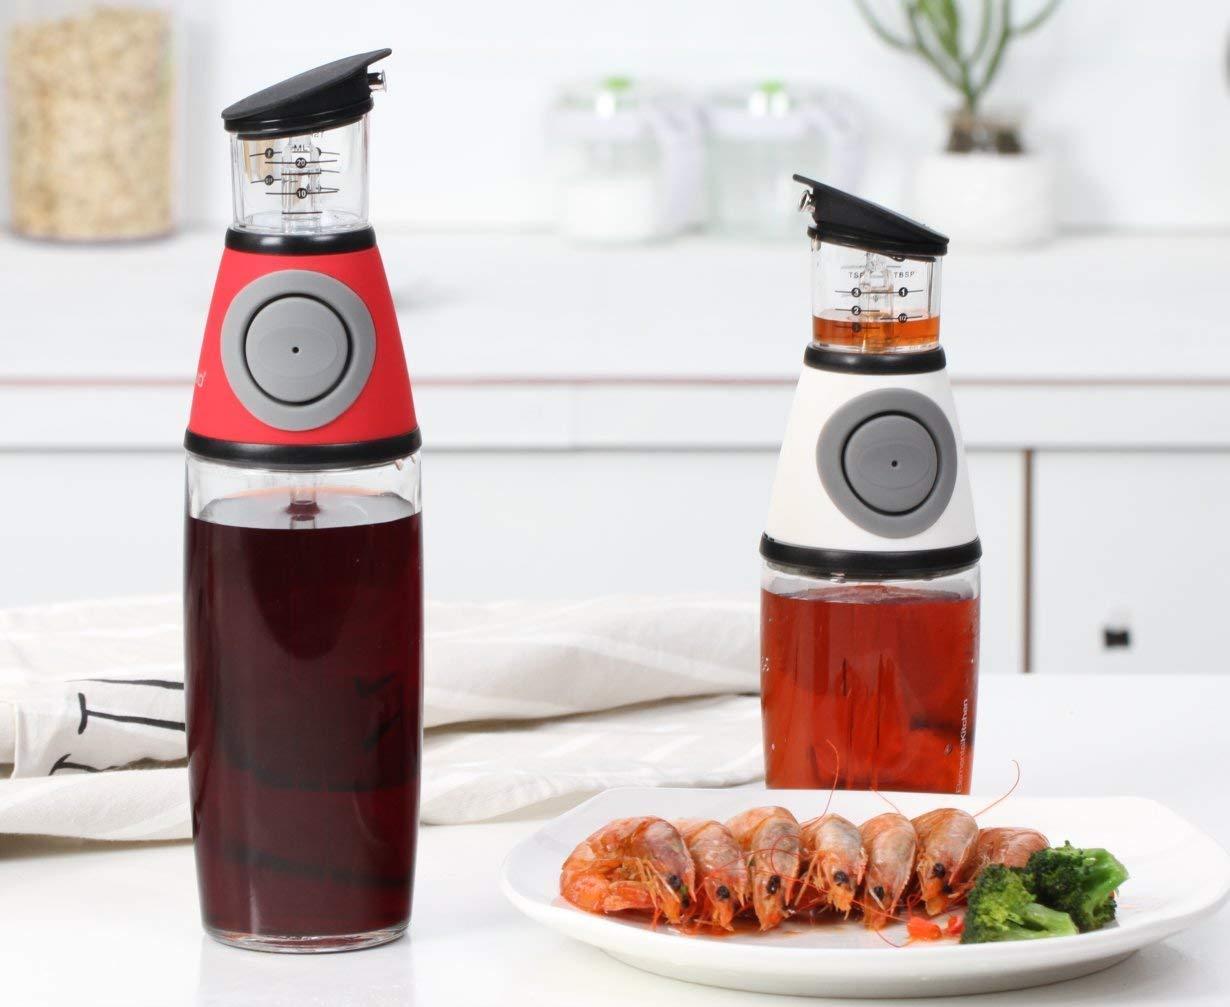 Amazon.com: Olive Oil Dispenser Bottle - MAXZONE Oil Spray Bottle with NoOil Pourer Dispensing Bottles for Kitchen - Olive Oil Glass Dispenser to Measure ...